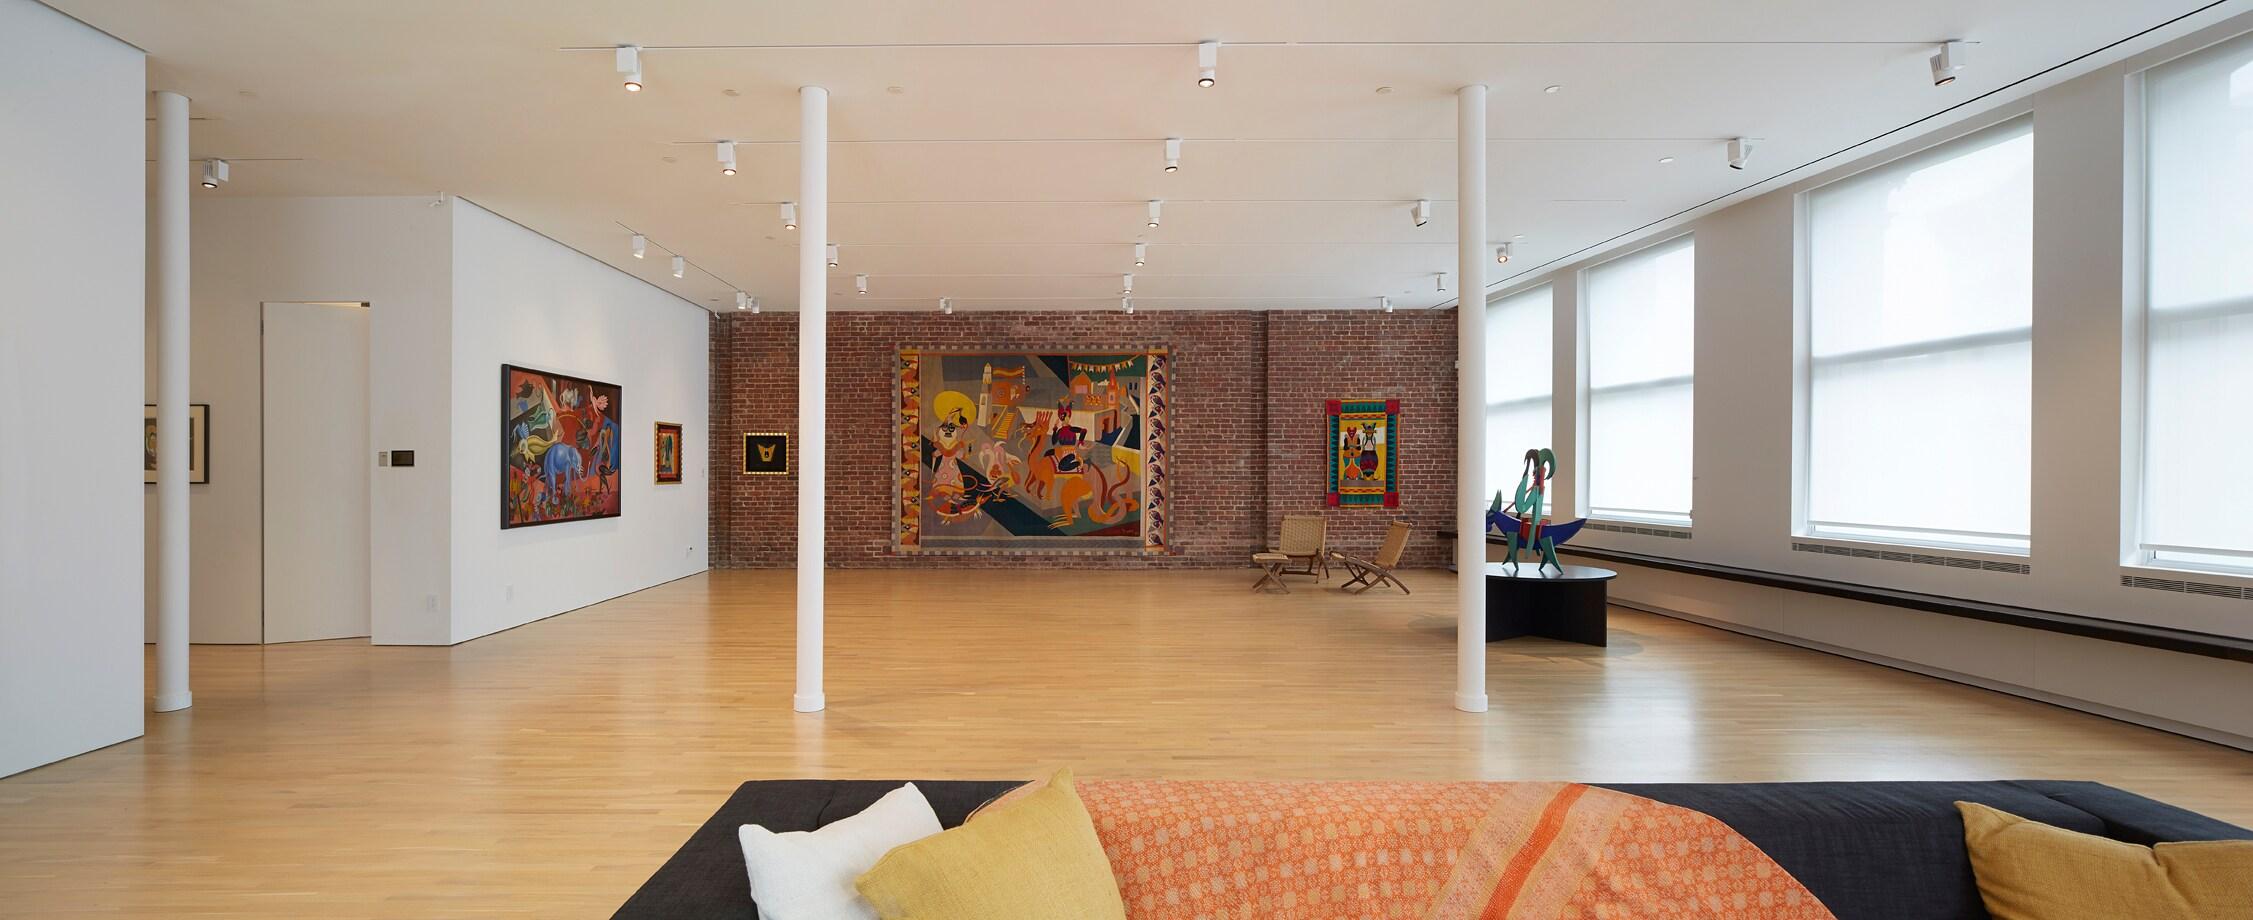 Il senso della bellezza for 10 rockefeller plaza 4th floor new york ny 10020